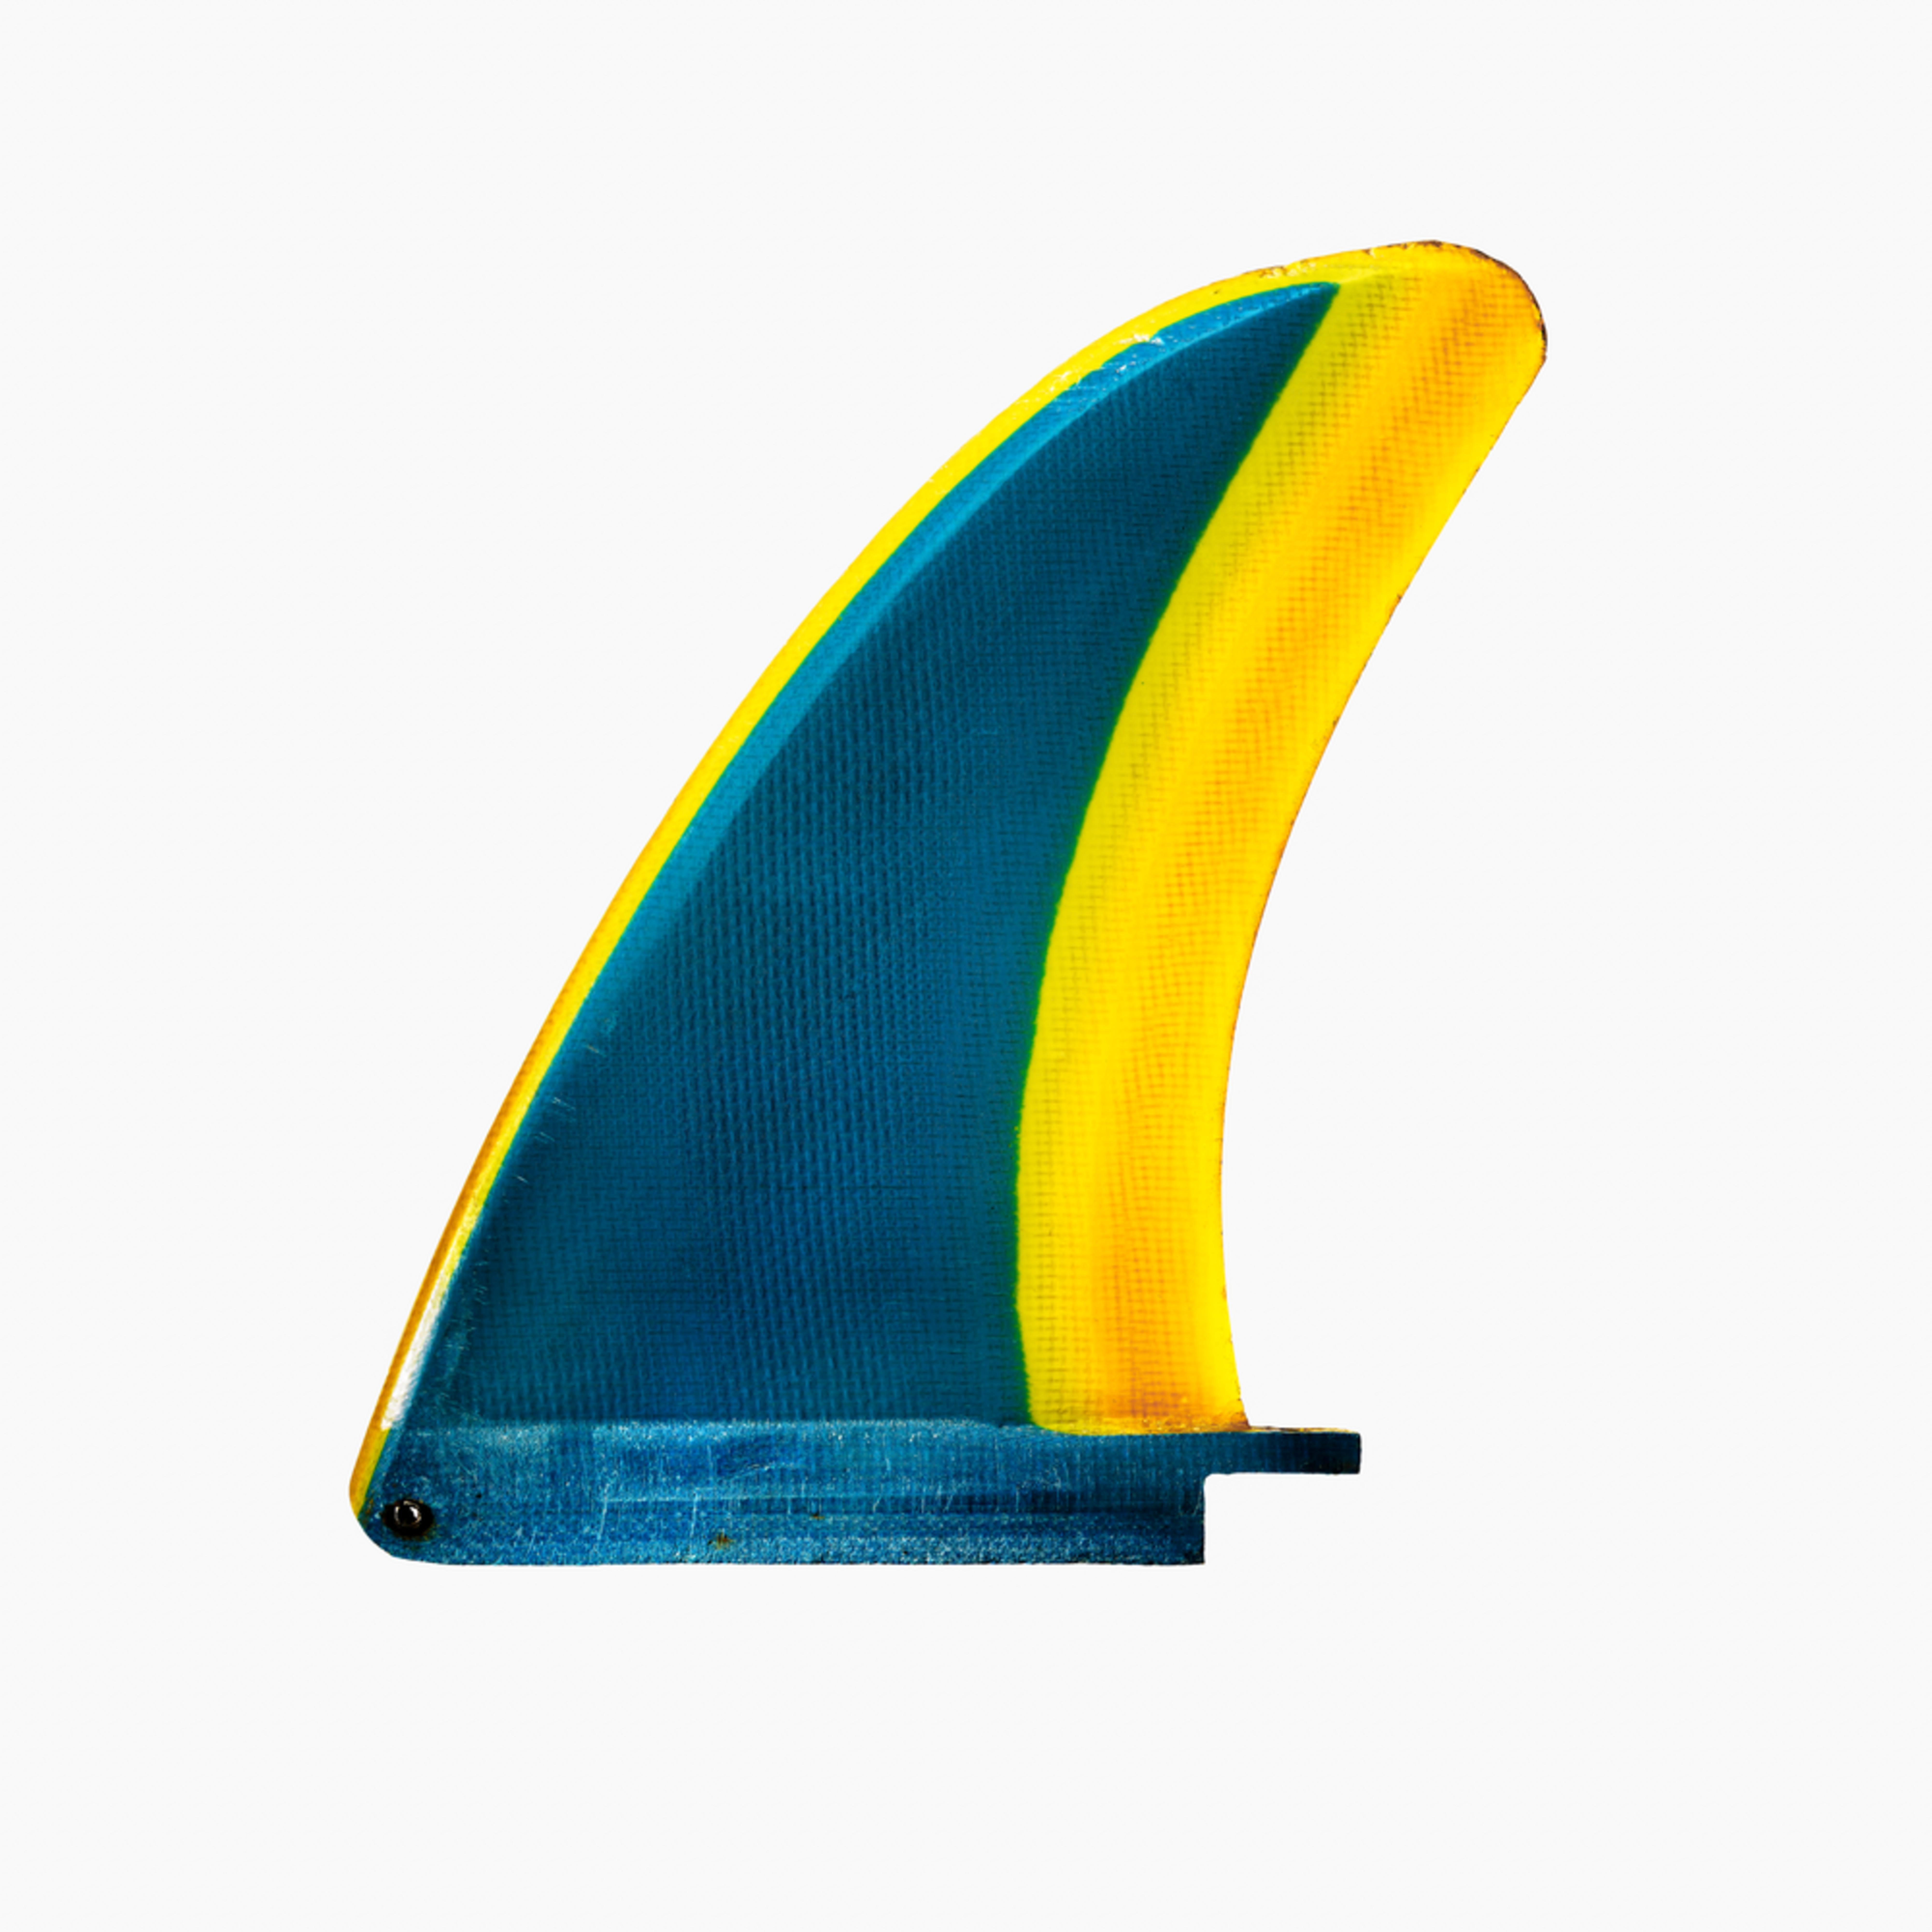 The fin project randy schaefer b mf 247bg kehnum